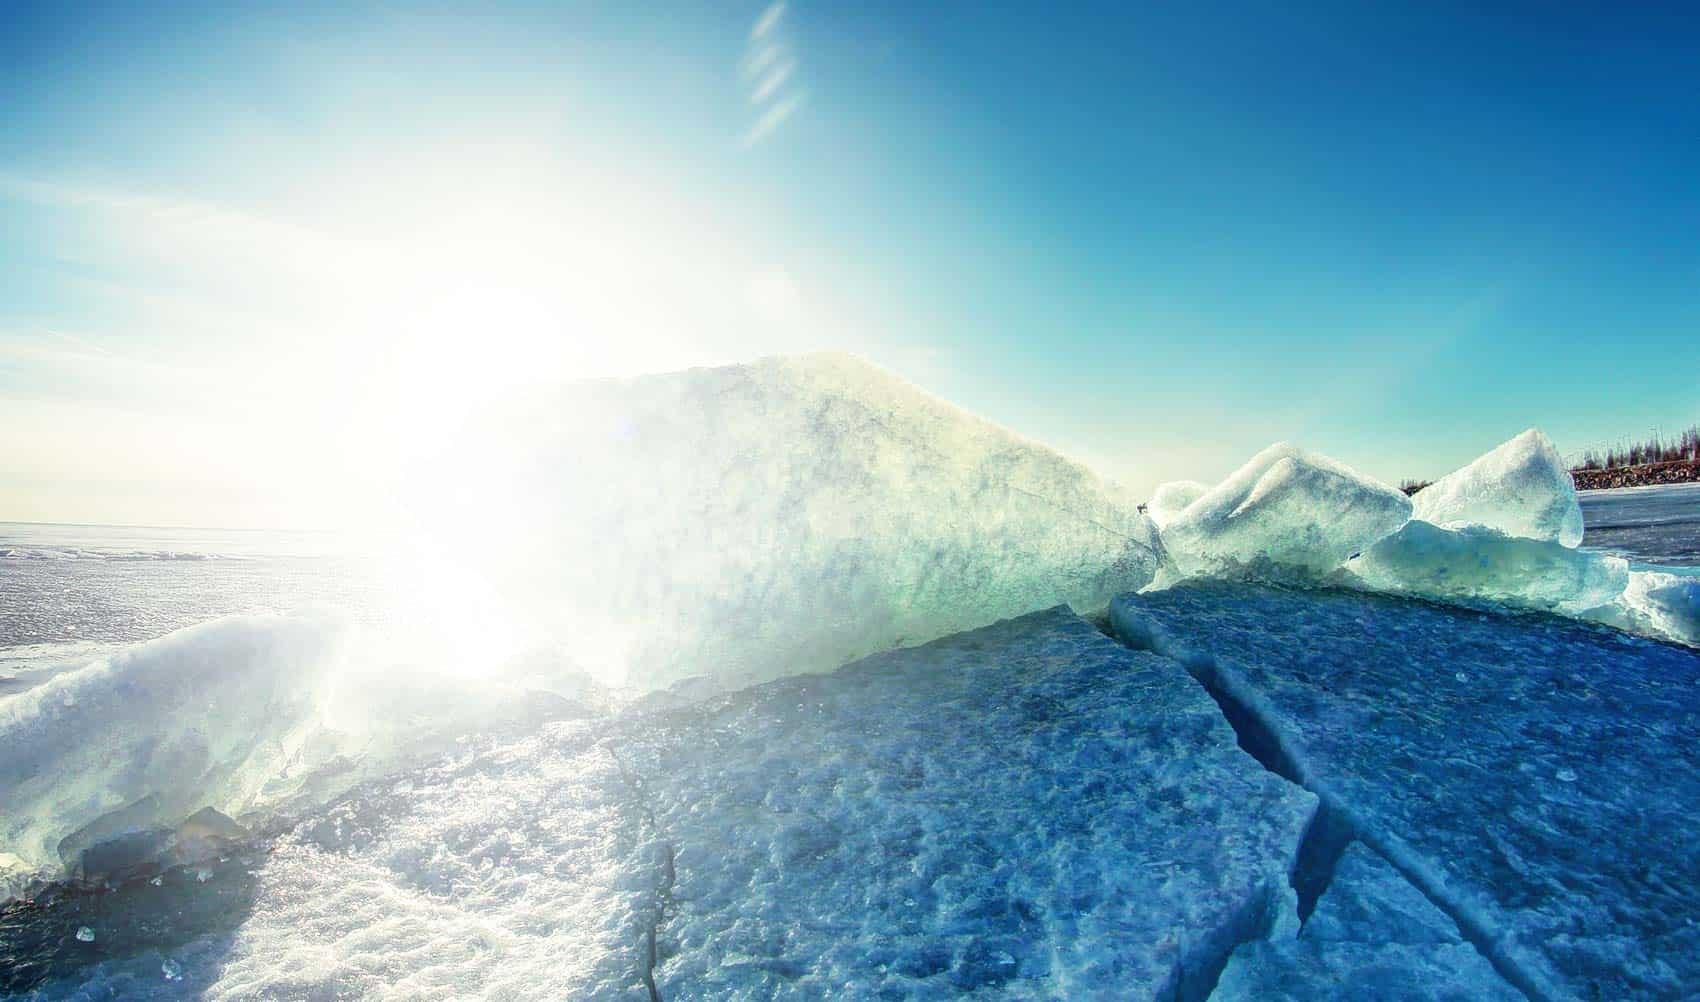 Ice smashing together